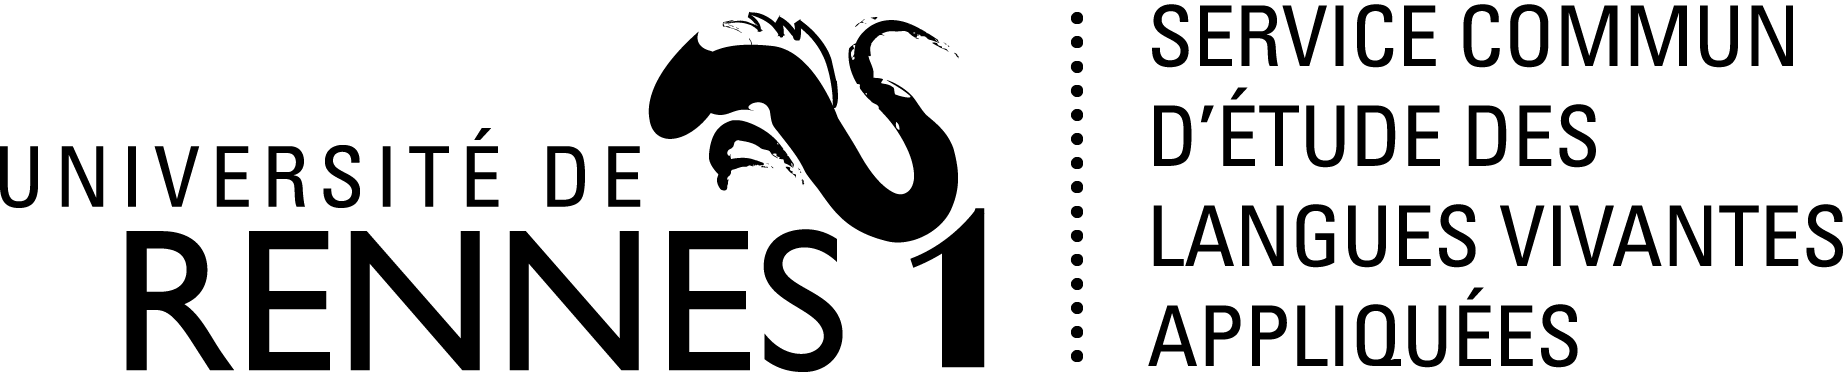 SCELVA